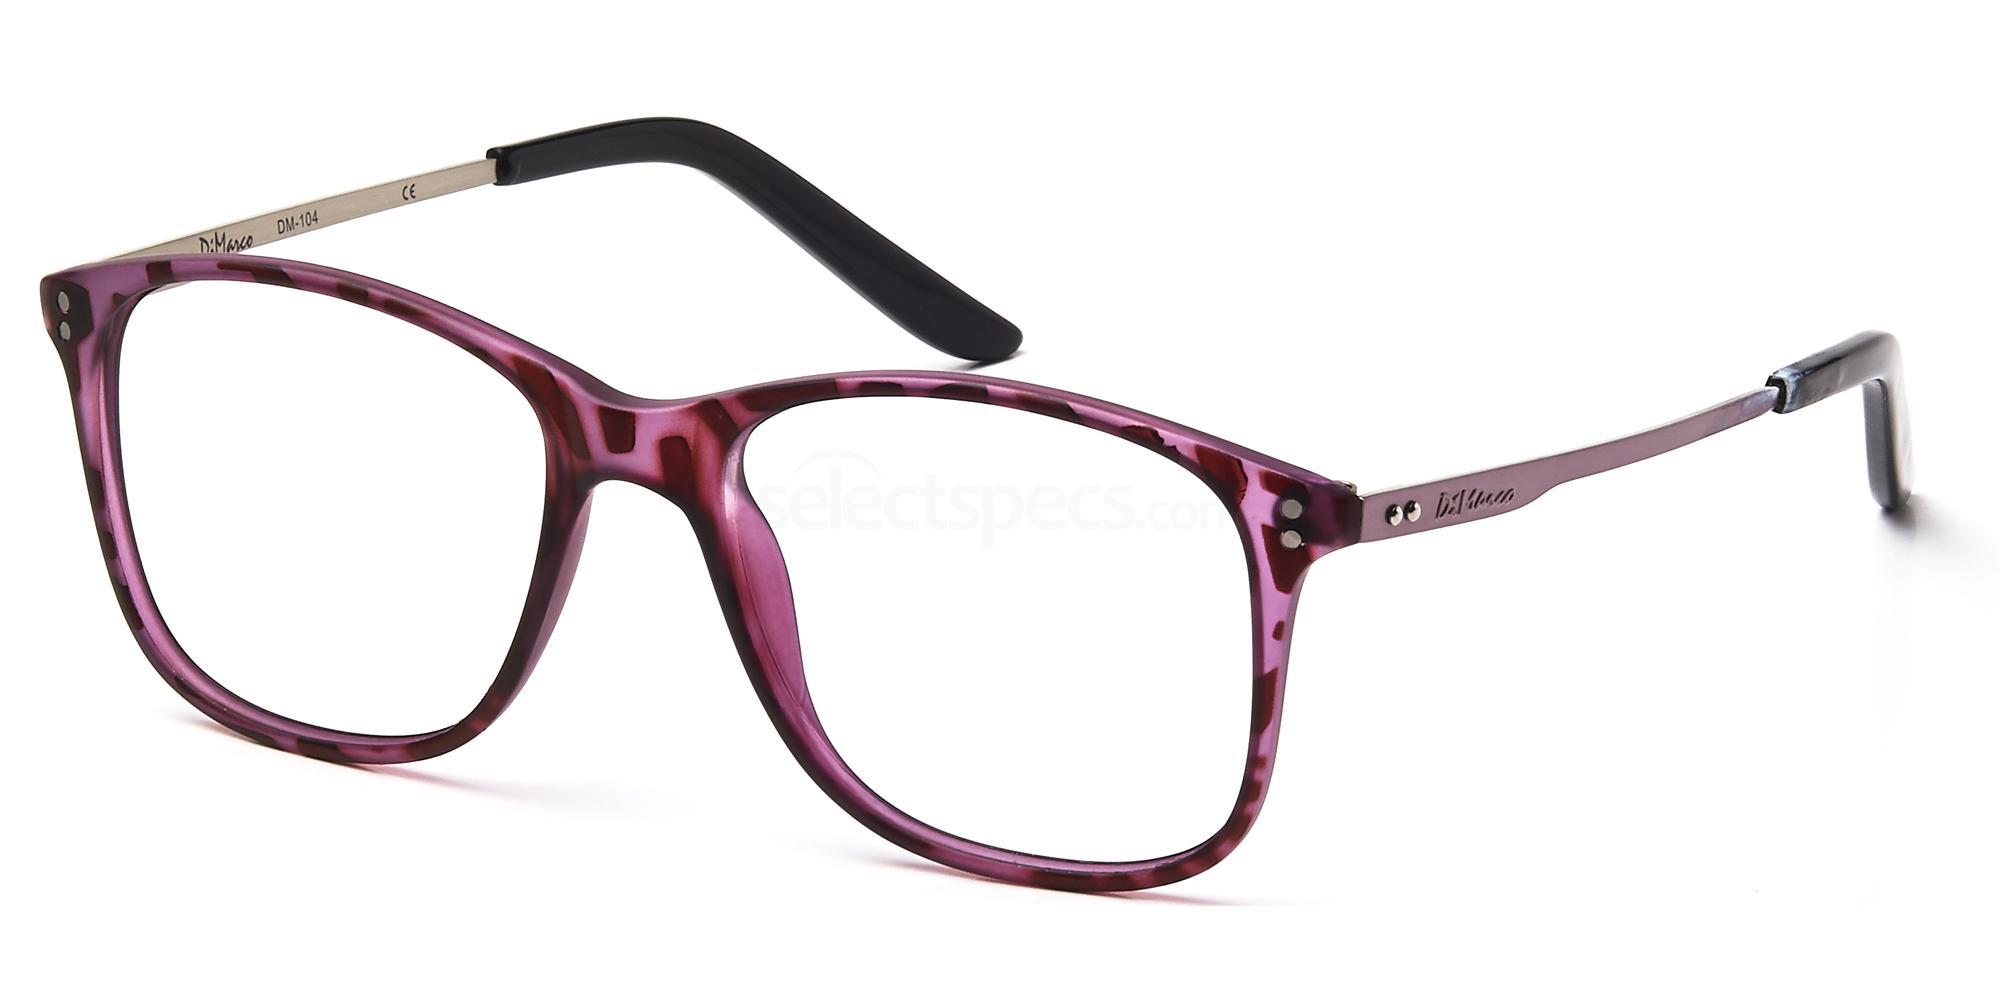 C2 DM104 Glasses, DiMarco